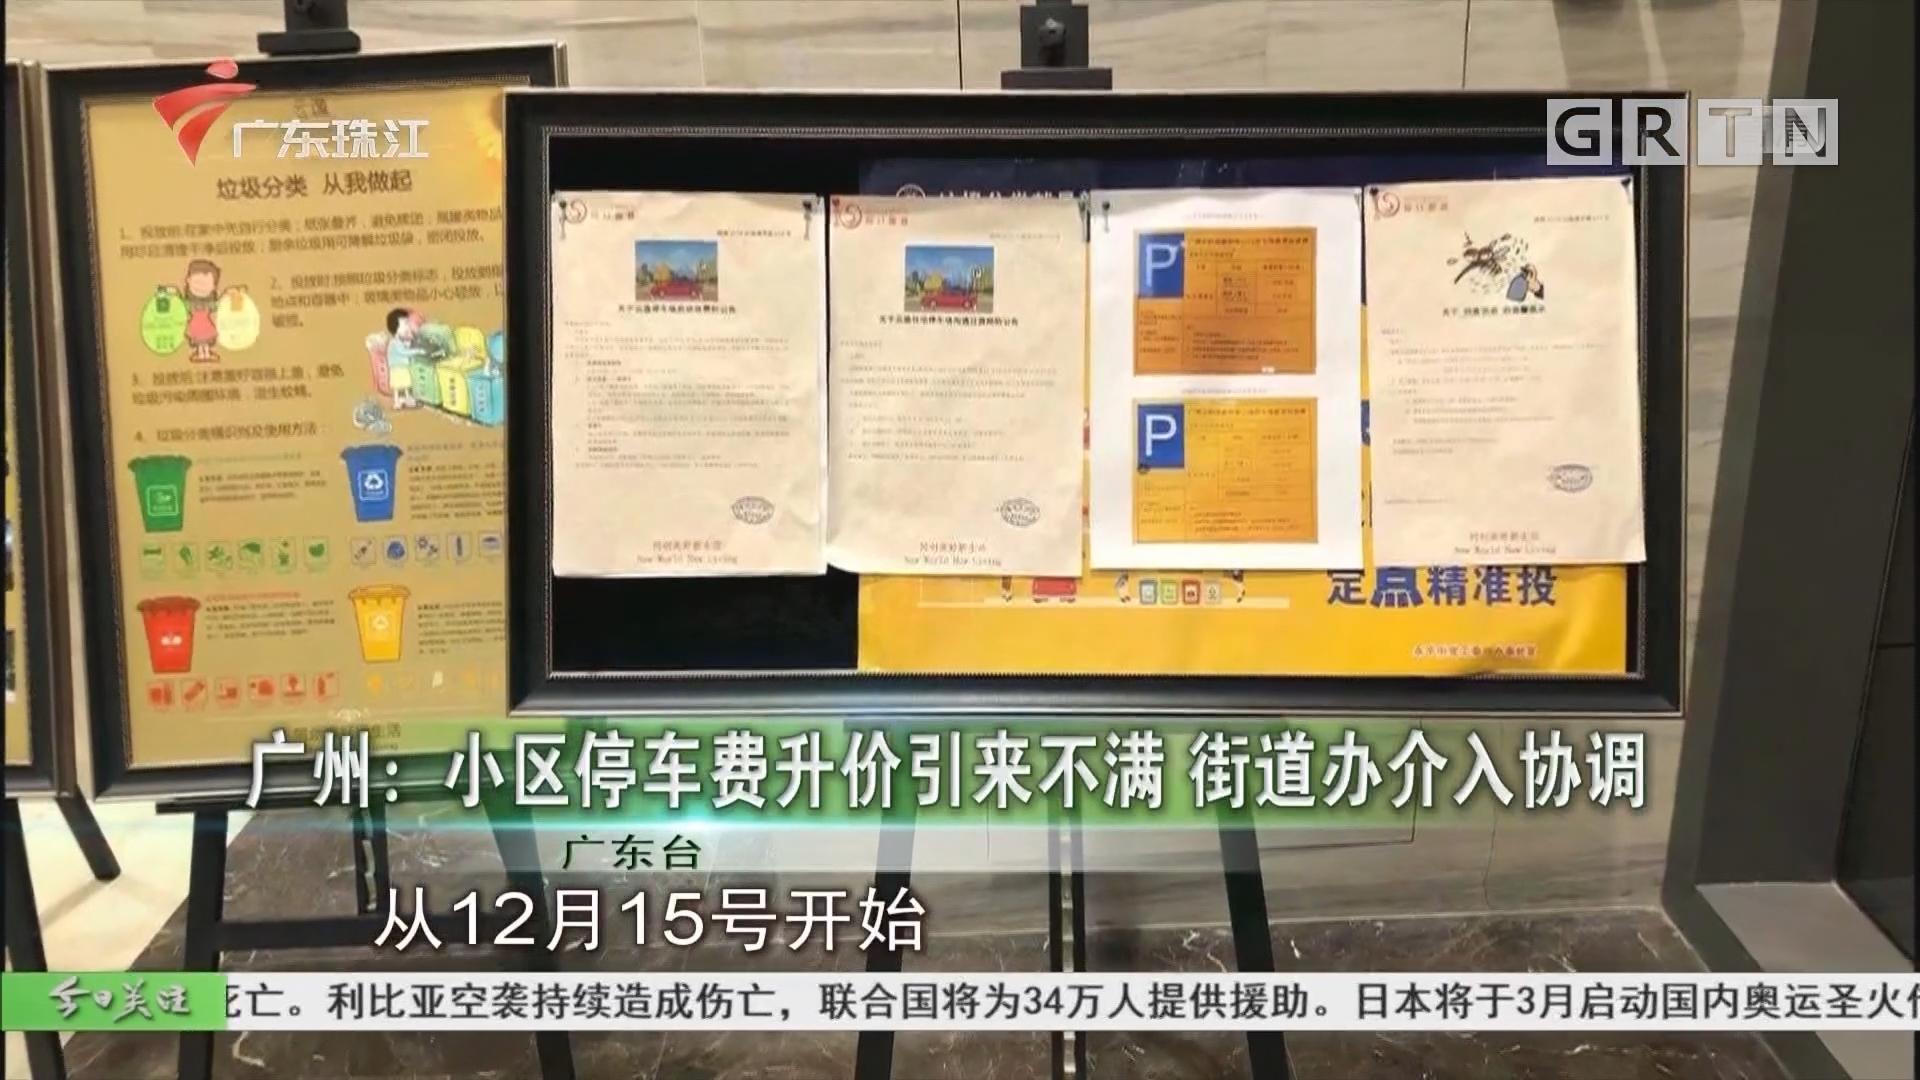 廣州:小區停車費升價引來不滿 街道辦介入協調